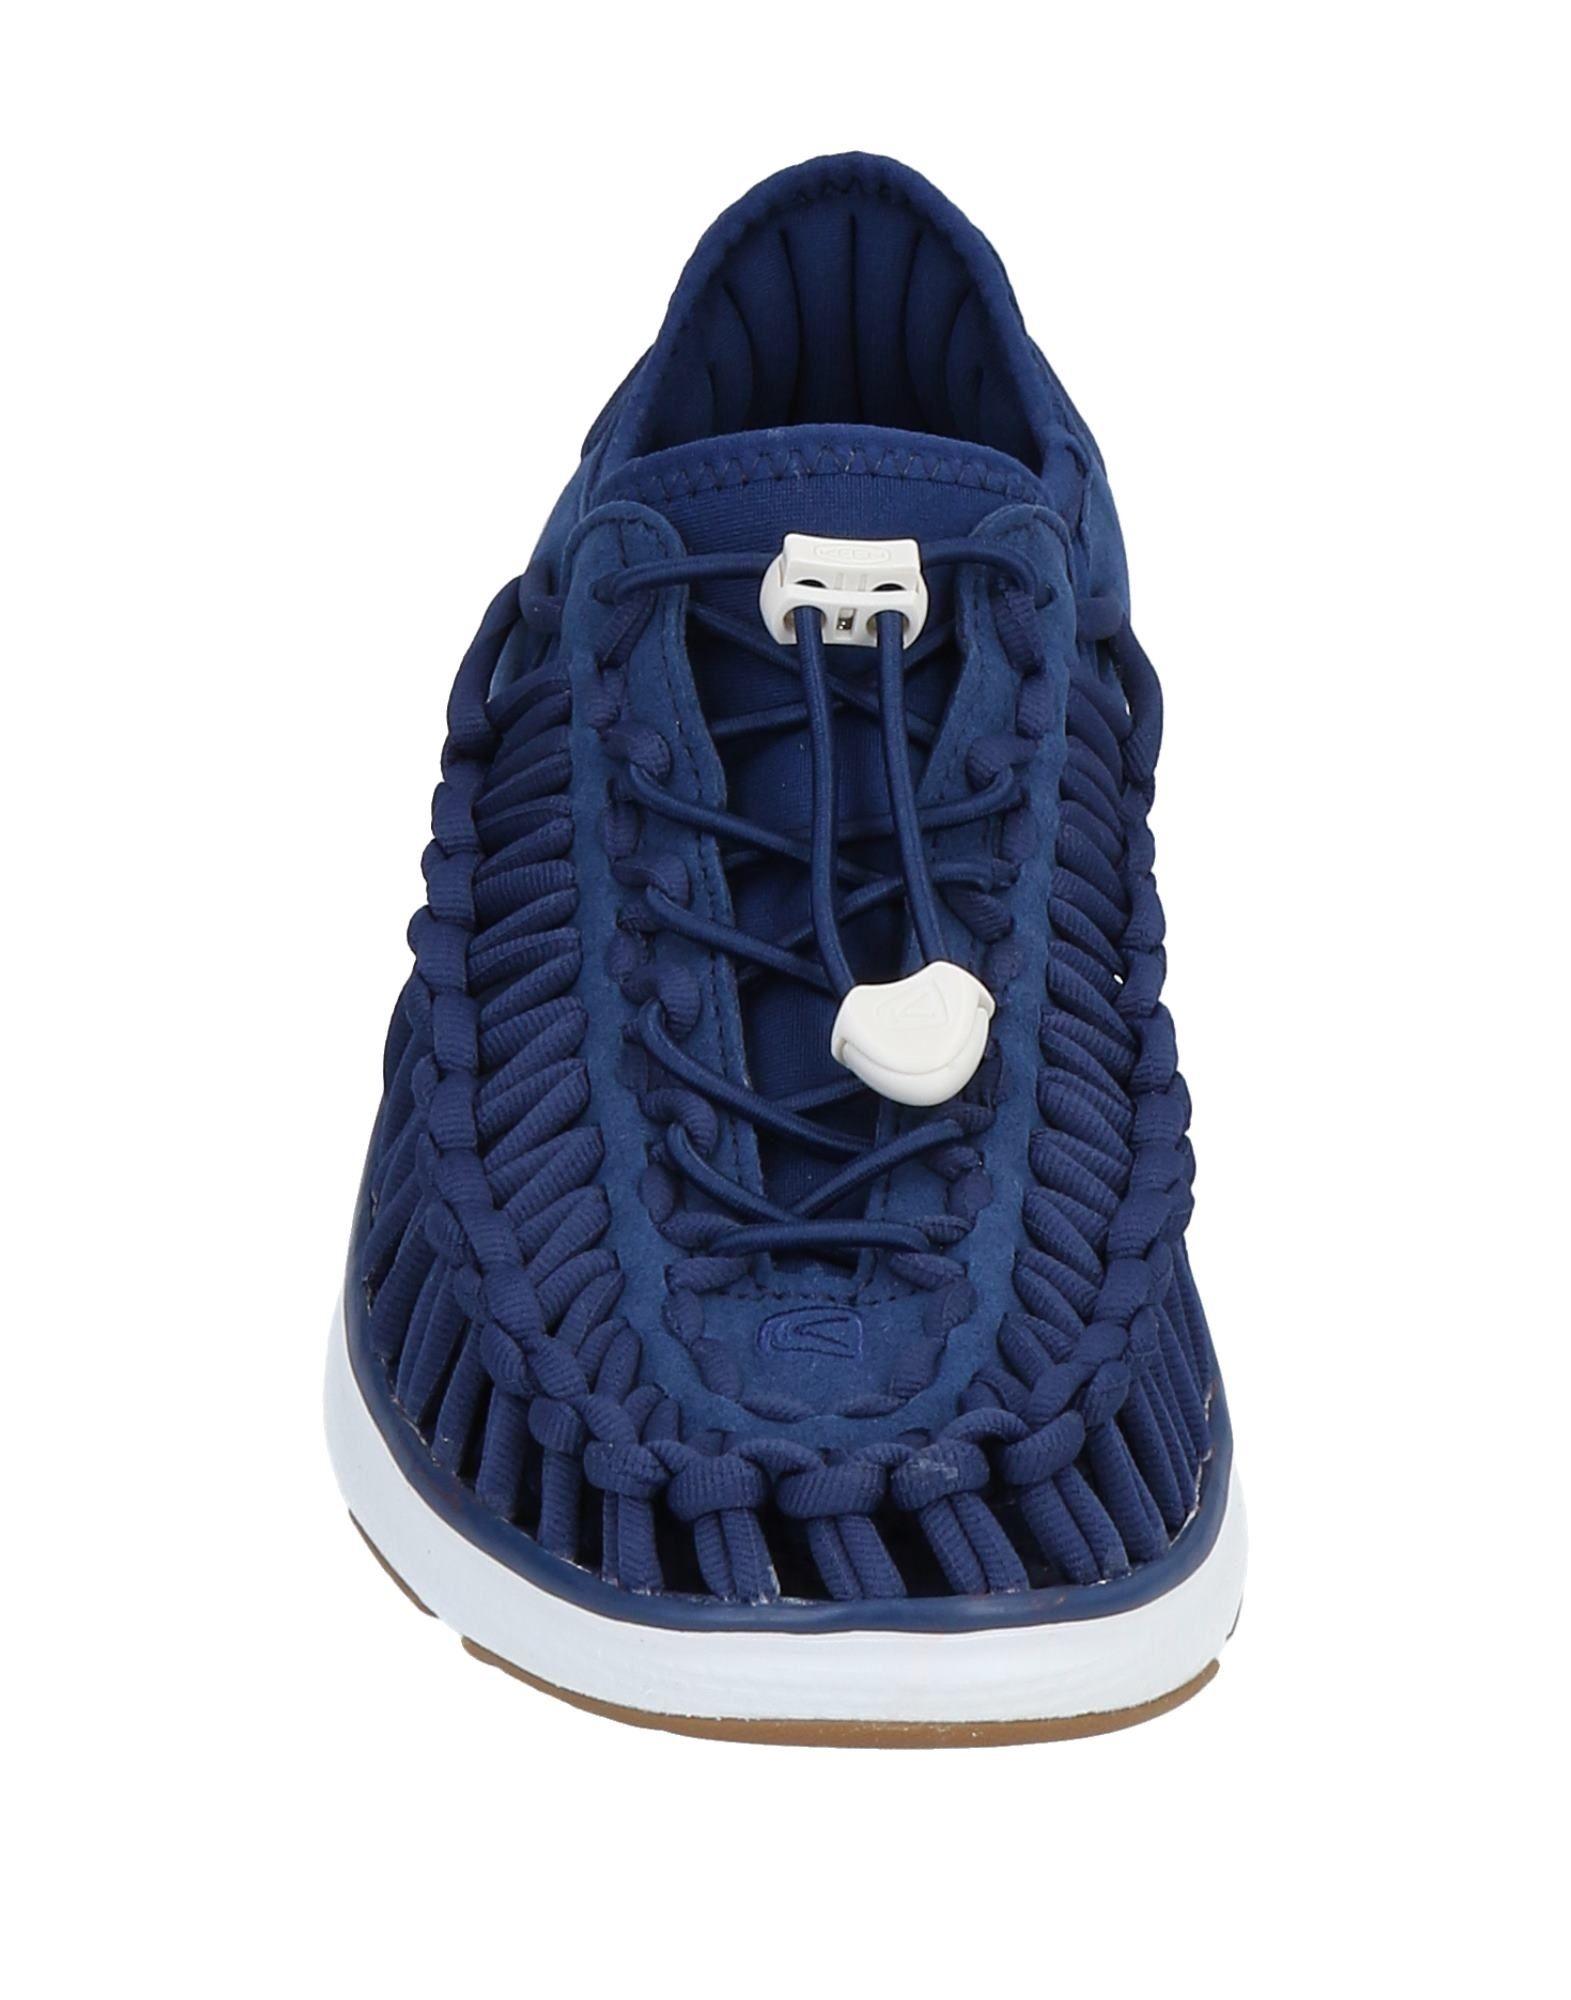 Keen Sneakers - Men Keen Keen Keen Sneakers online on  United Kingdom - 11562430MC 2c052d